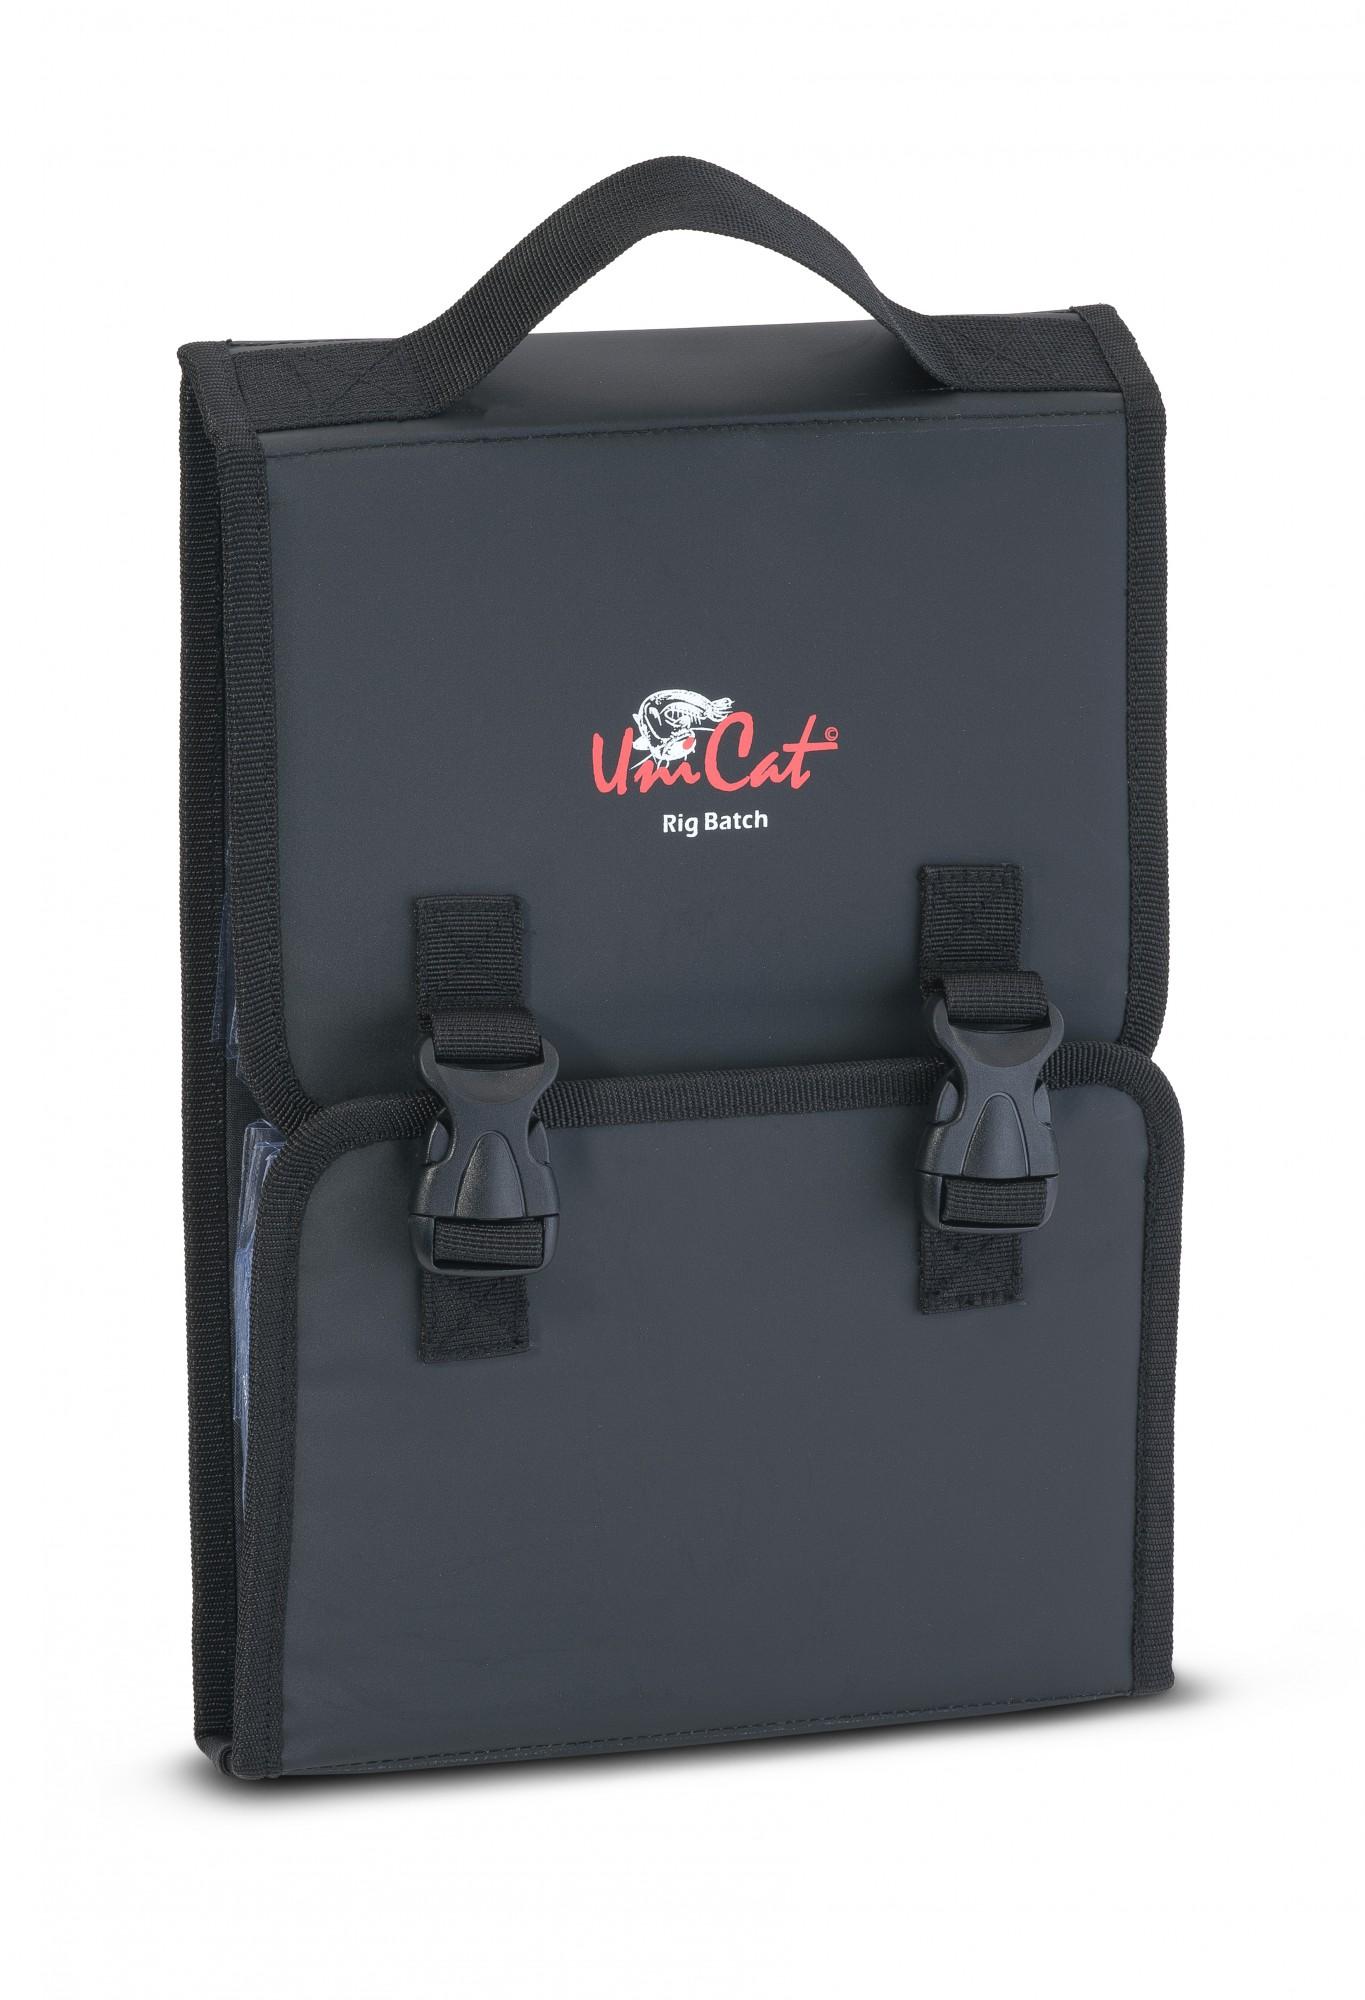 uni-cat-rig-batch-vorfachtasche-tasche